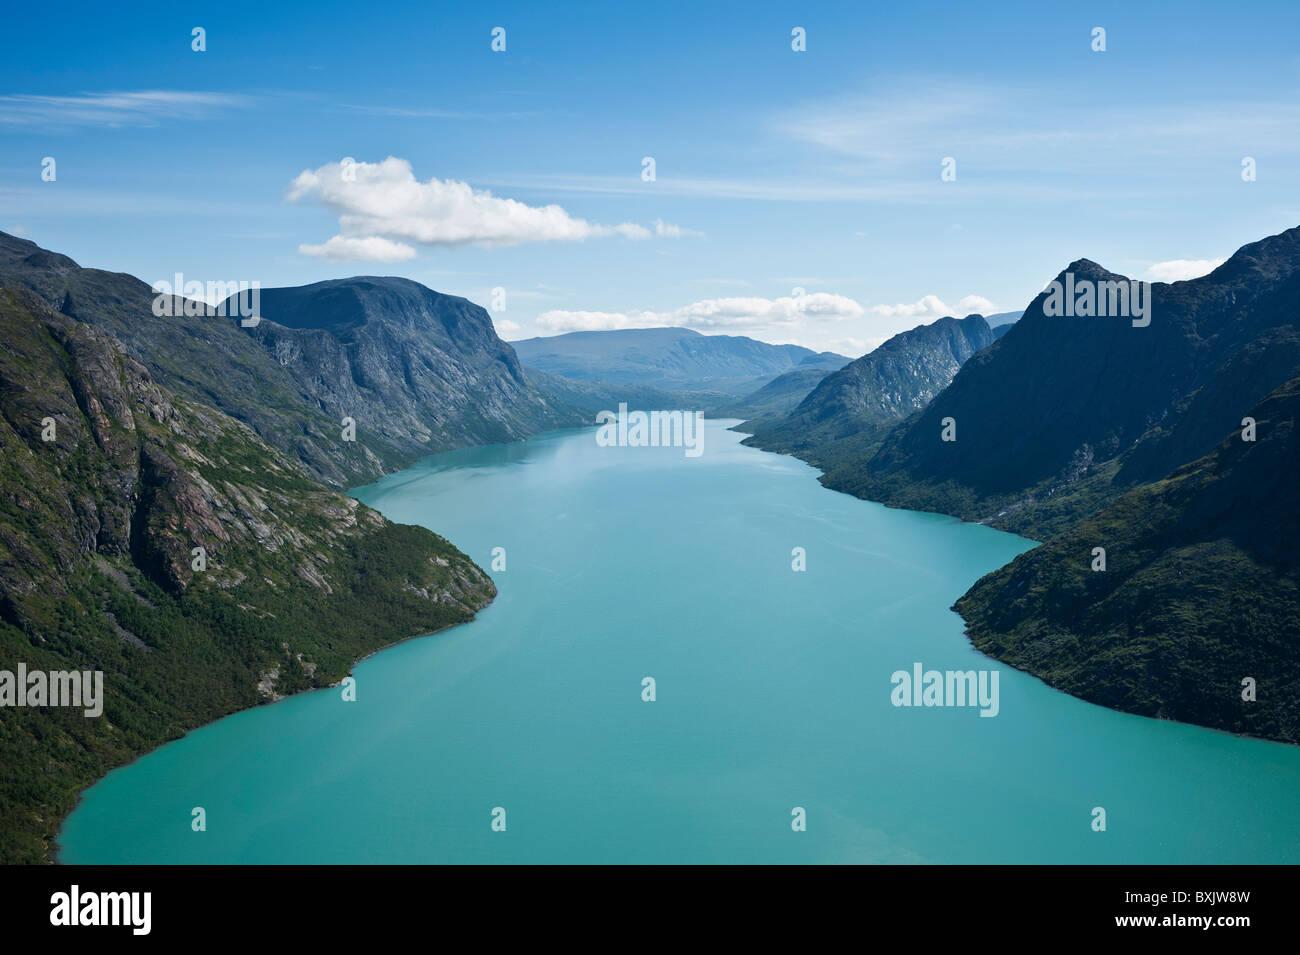 Scenic lake Gjende, Jotunheimen national park, Norway - Stock Image